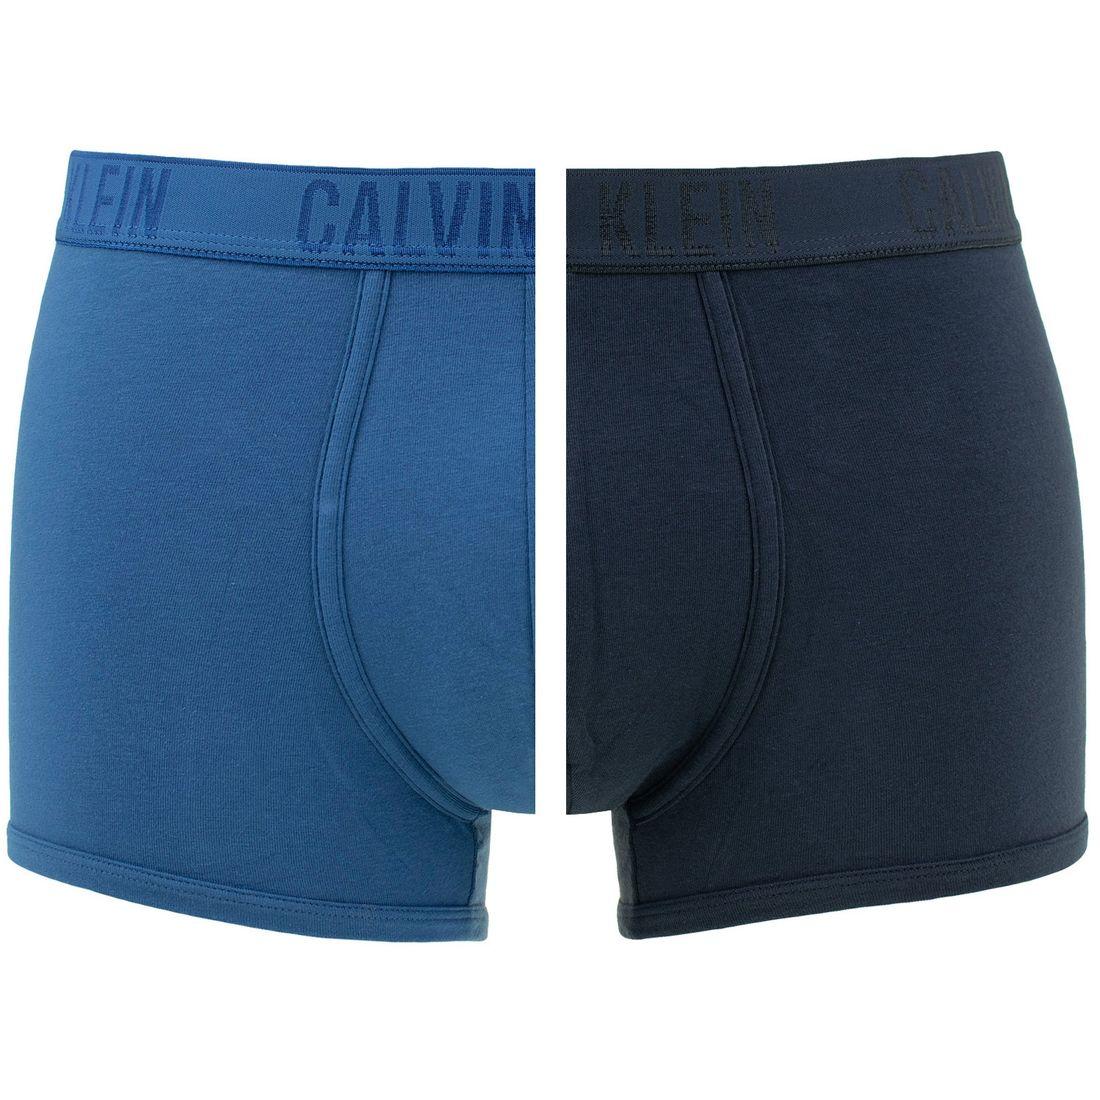 Afbeelding van Calvin Klein 2 pack trunks hague downpour blauw heren